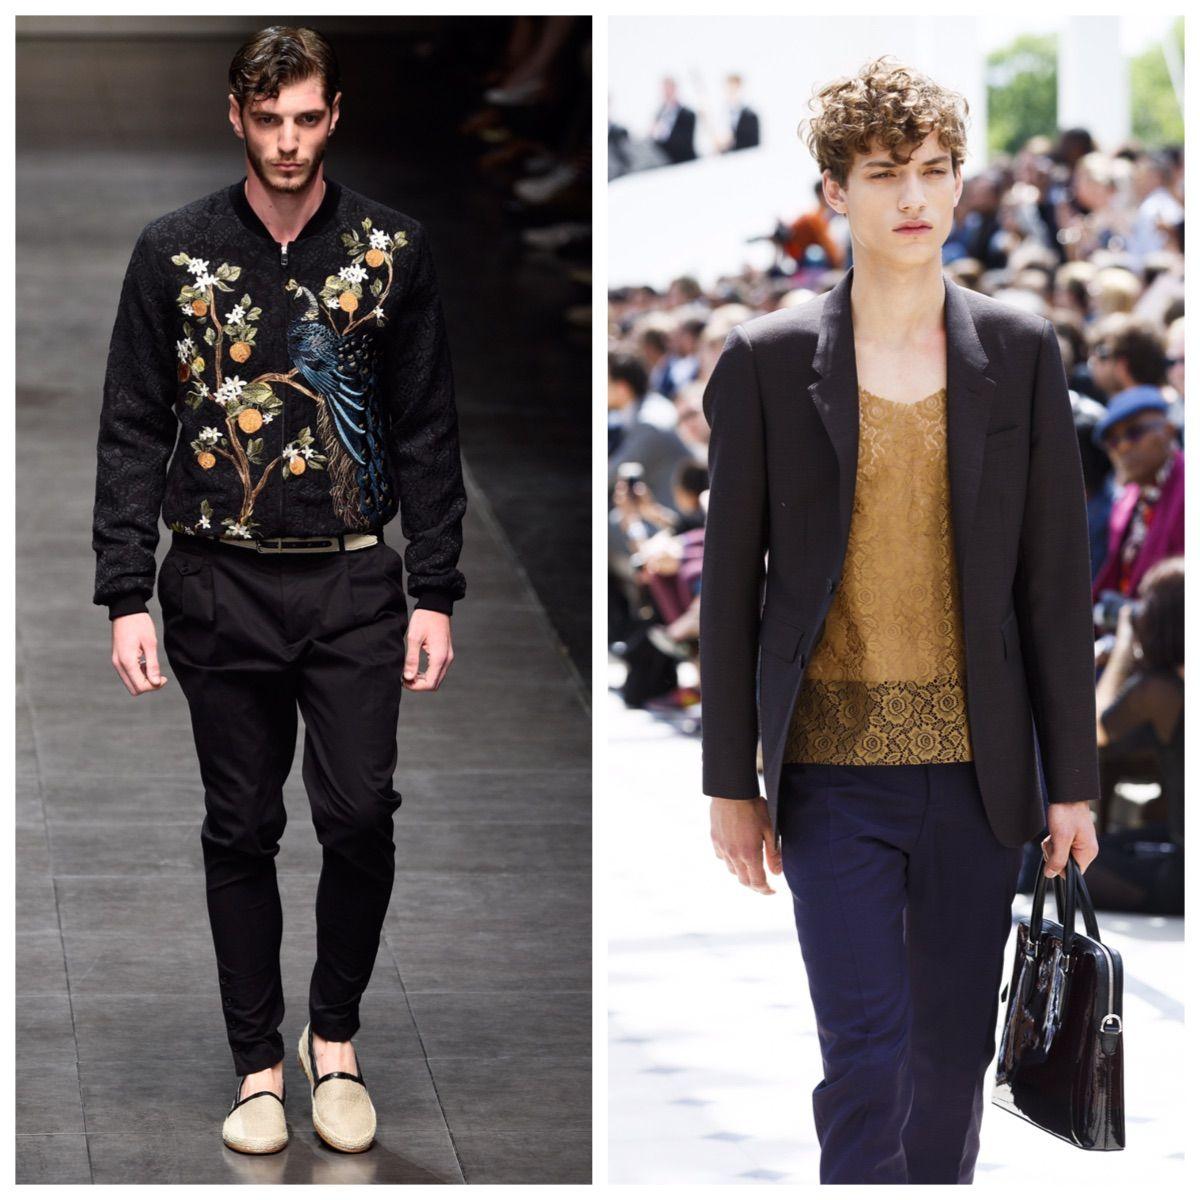 A jaqueta Sukajan da Dolce & Gabbana, com reproduções de tatuagens japonesas, revelou uma moda trangressora e decorativista feita para homens no  Milão Fashion Week 2015. O homem da Burberry usou bolsa de mão e blusa com tecido elaborado como o jaccard, no London Collections Men 2016